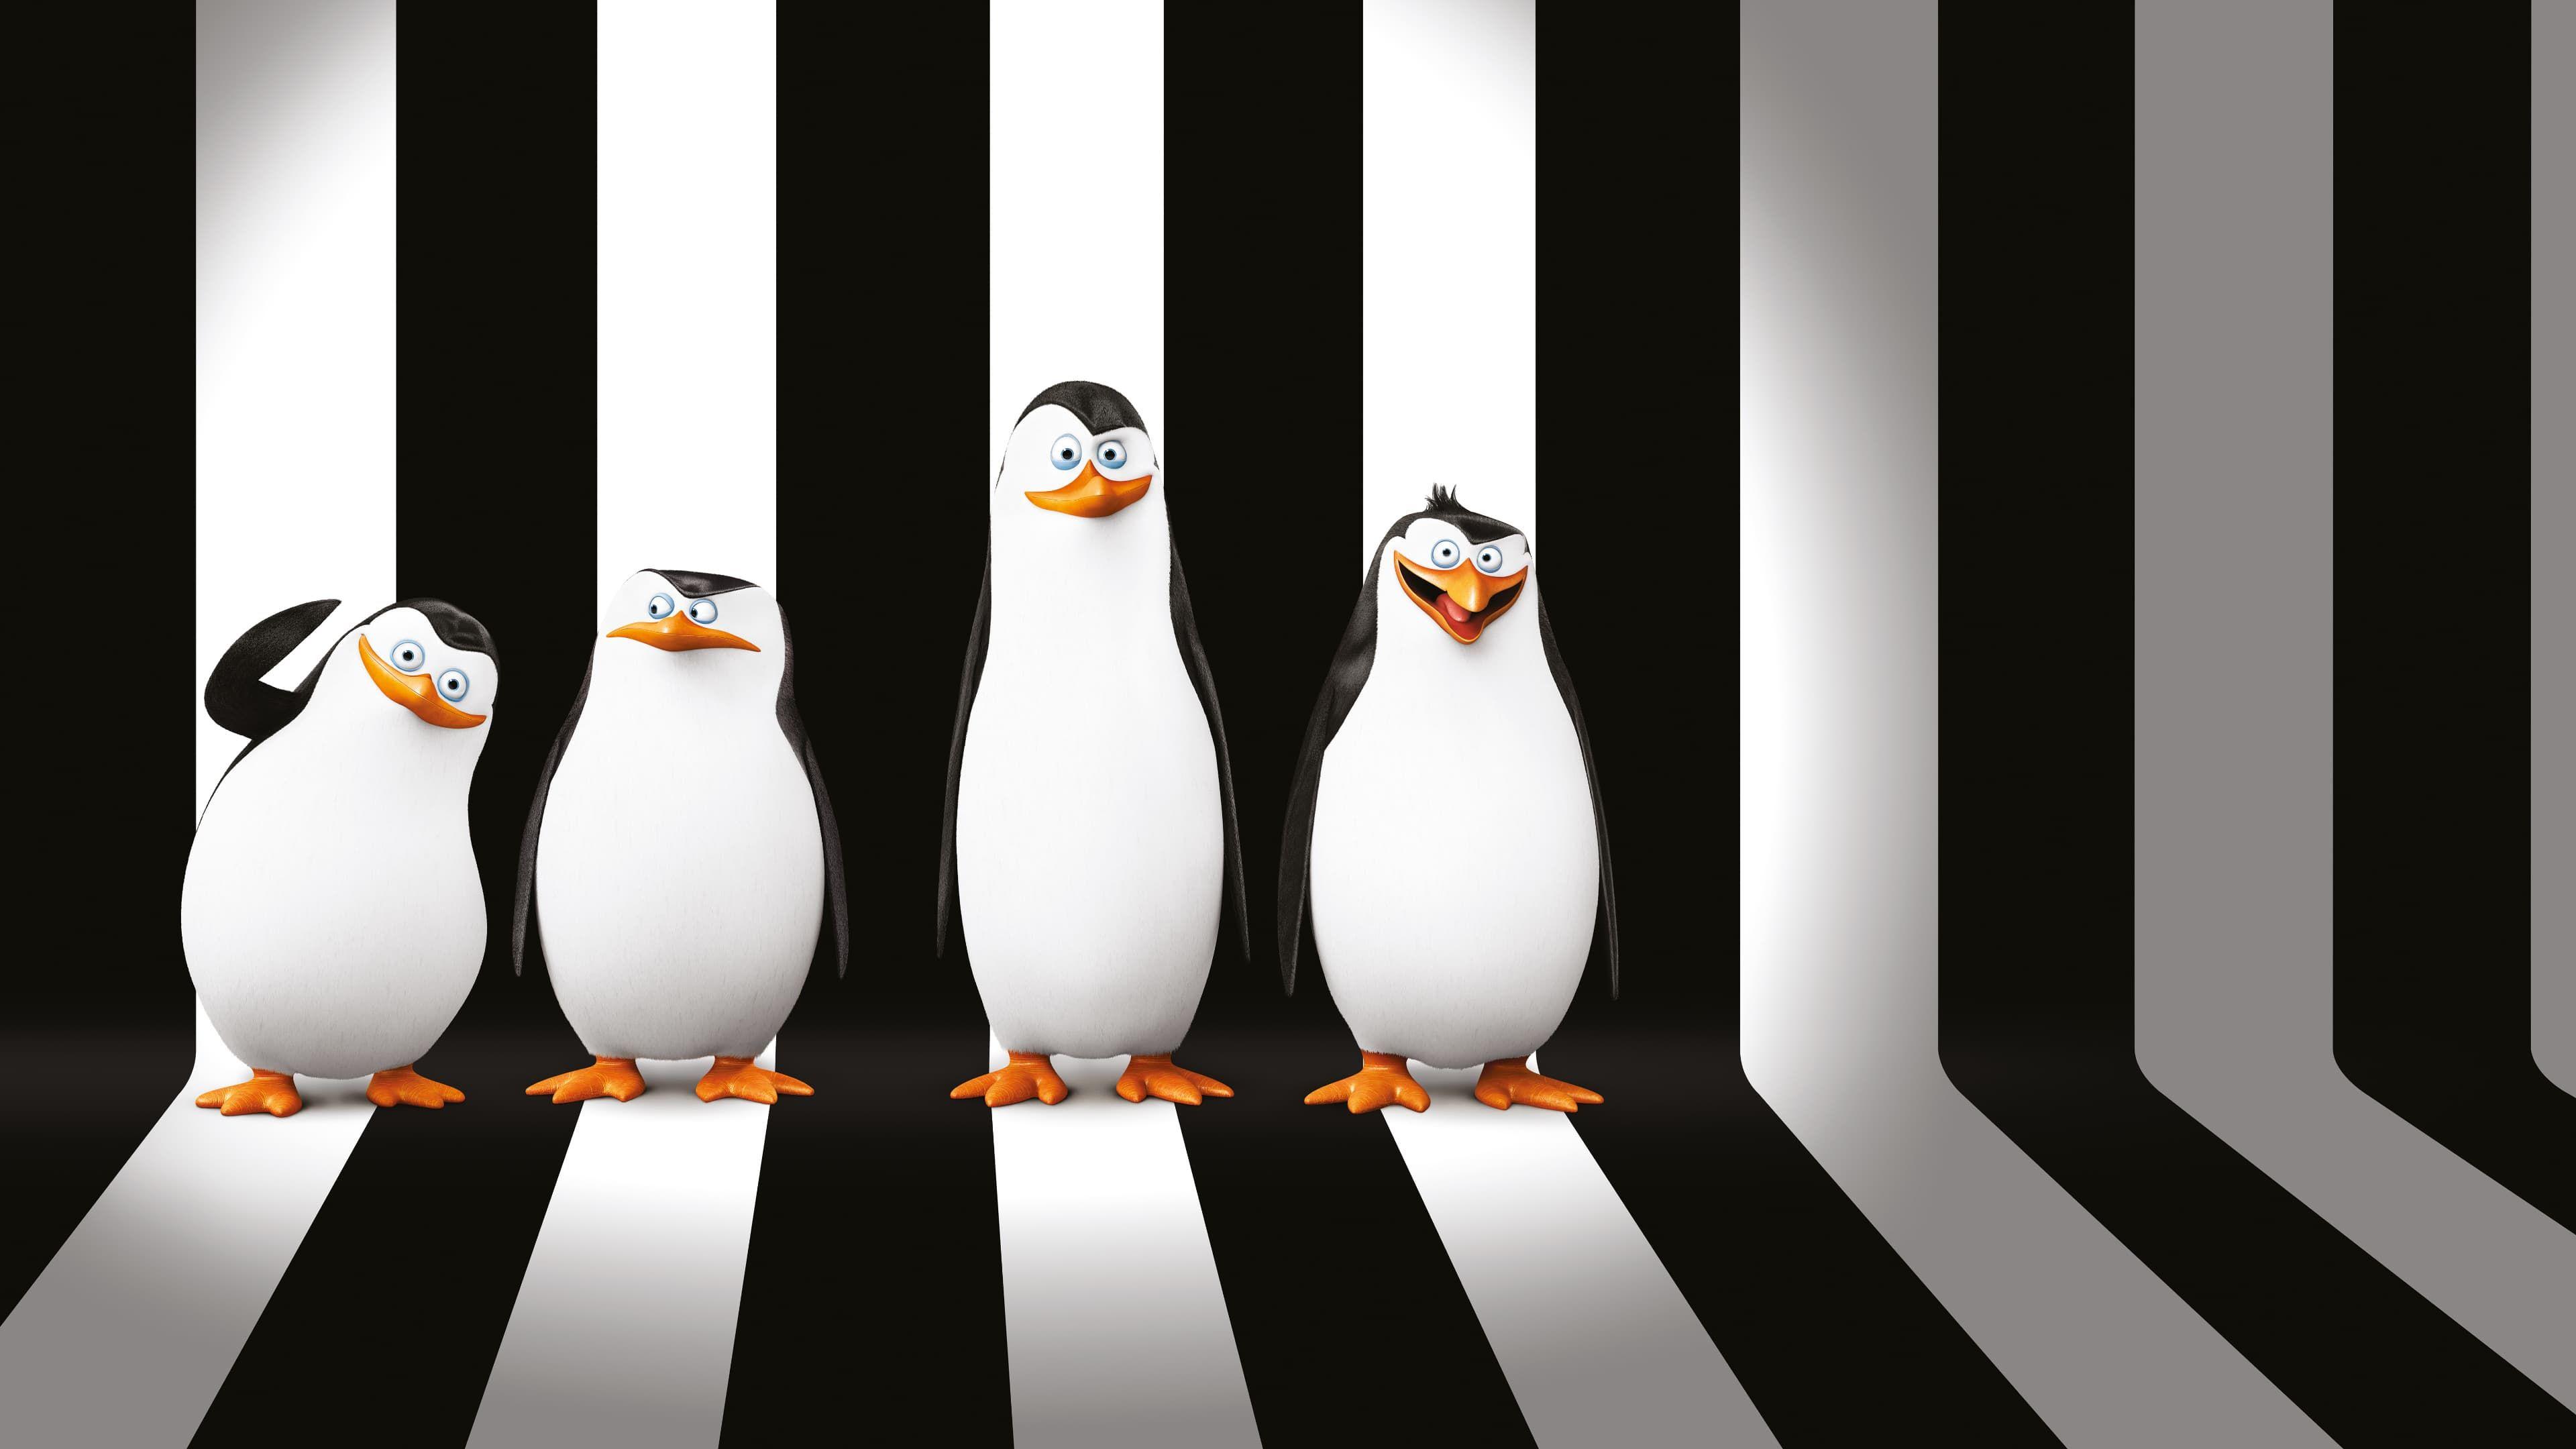 Die Pinguine Aus Madagascar 2014 Ganzer Film Deutsch Komplett Kino Zehn Jahre Nachdem Skipper Kowalski Ri Madagascar Movie Penguins Of Madagascar Madagascar